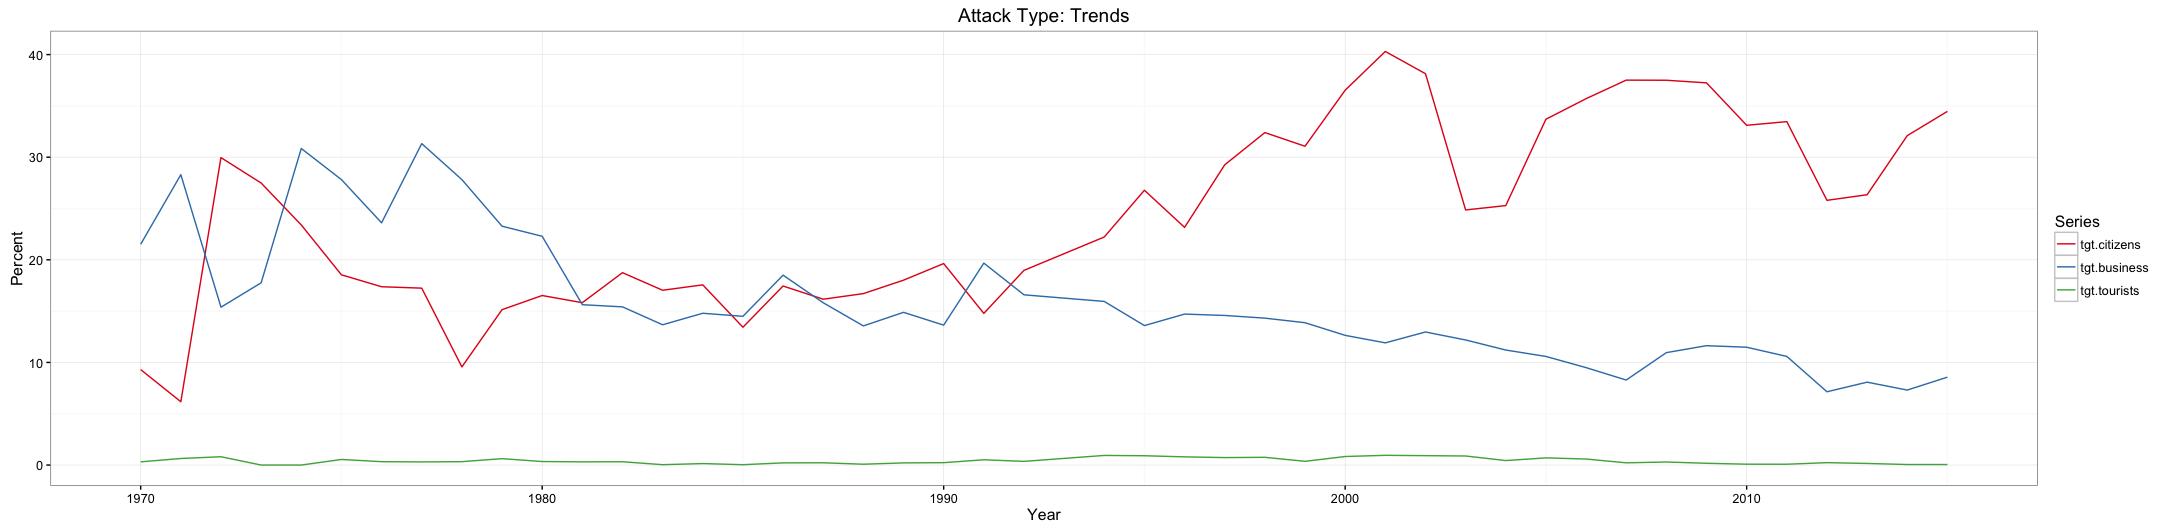 GTD_Target_Trends